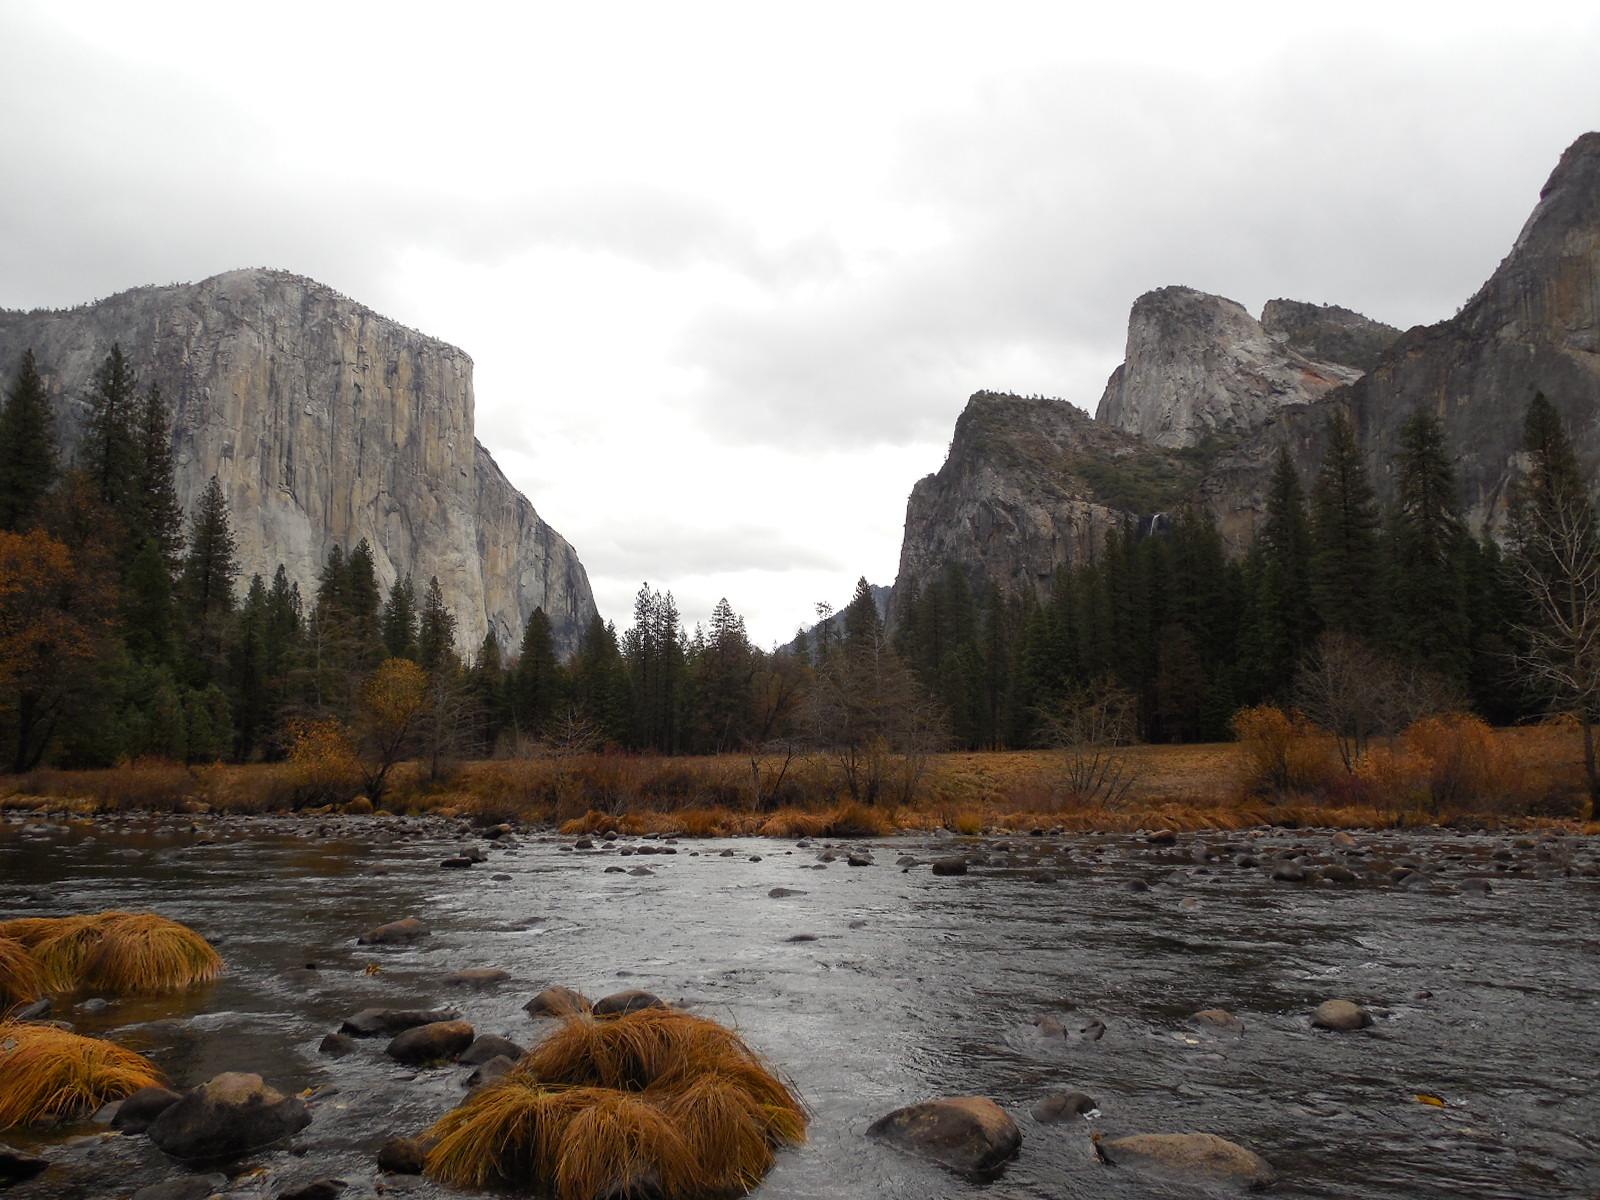 Yosemite Valley with El Capitan